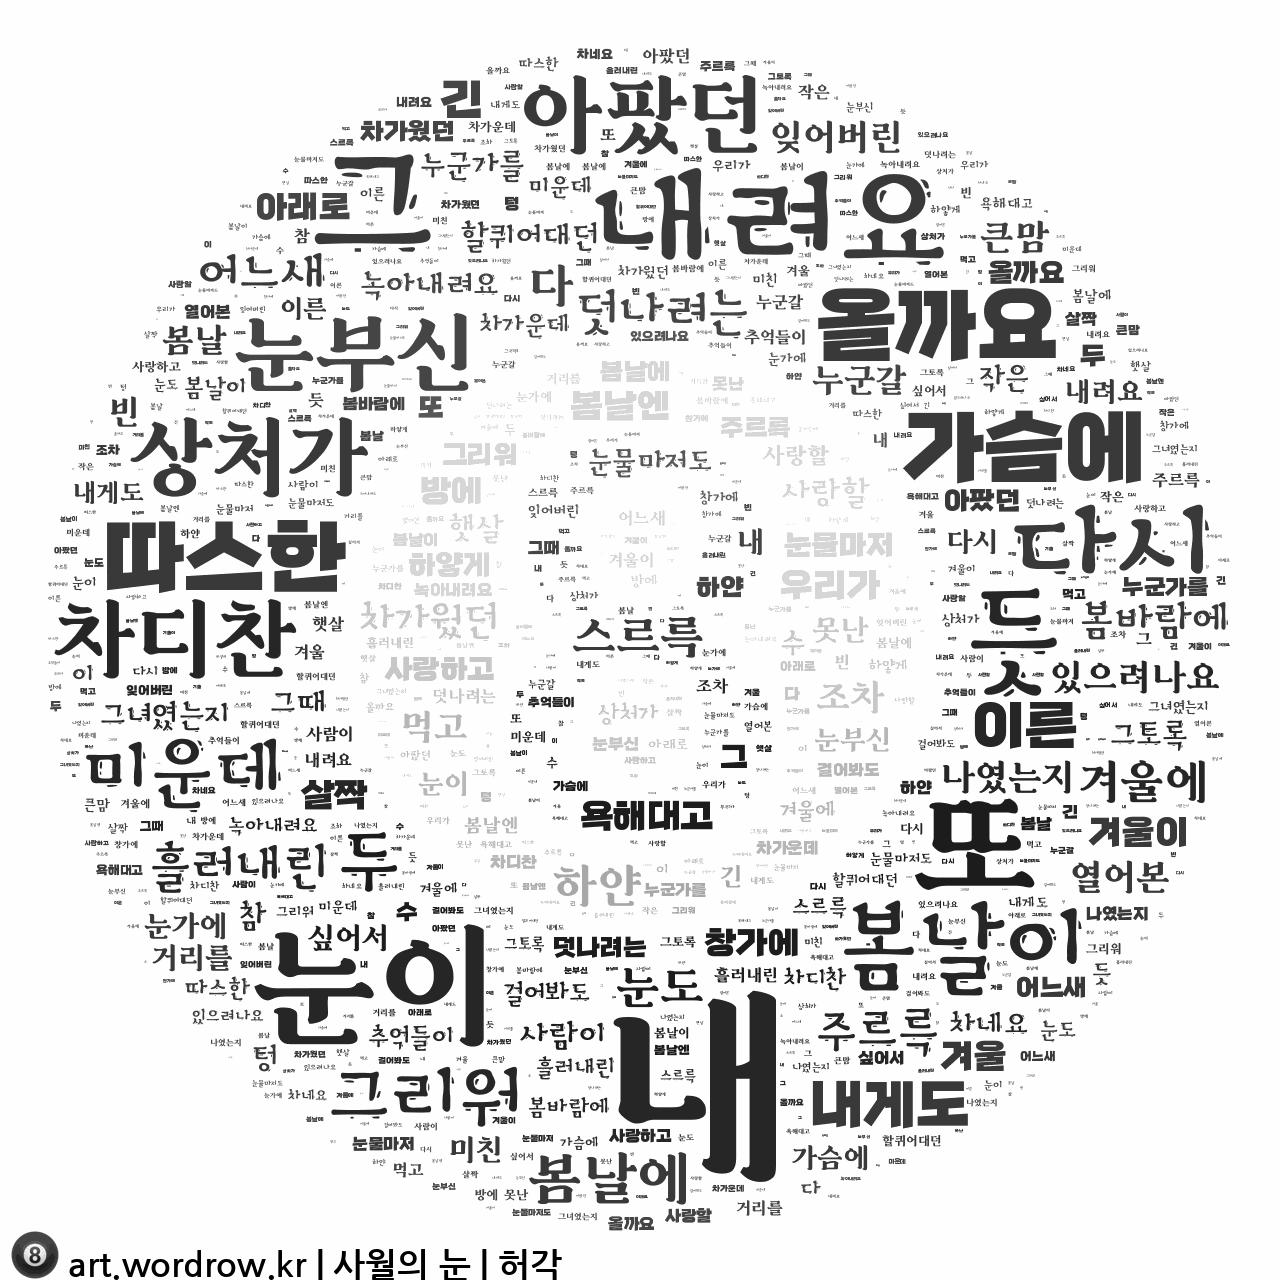 워드 클라우드: 사월의 눈 [허각]-1